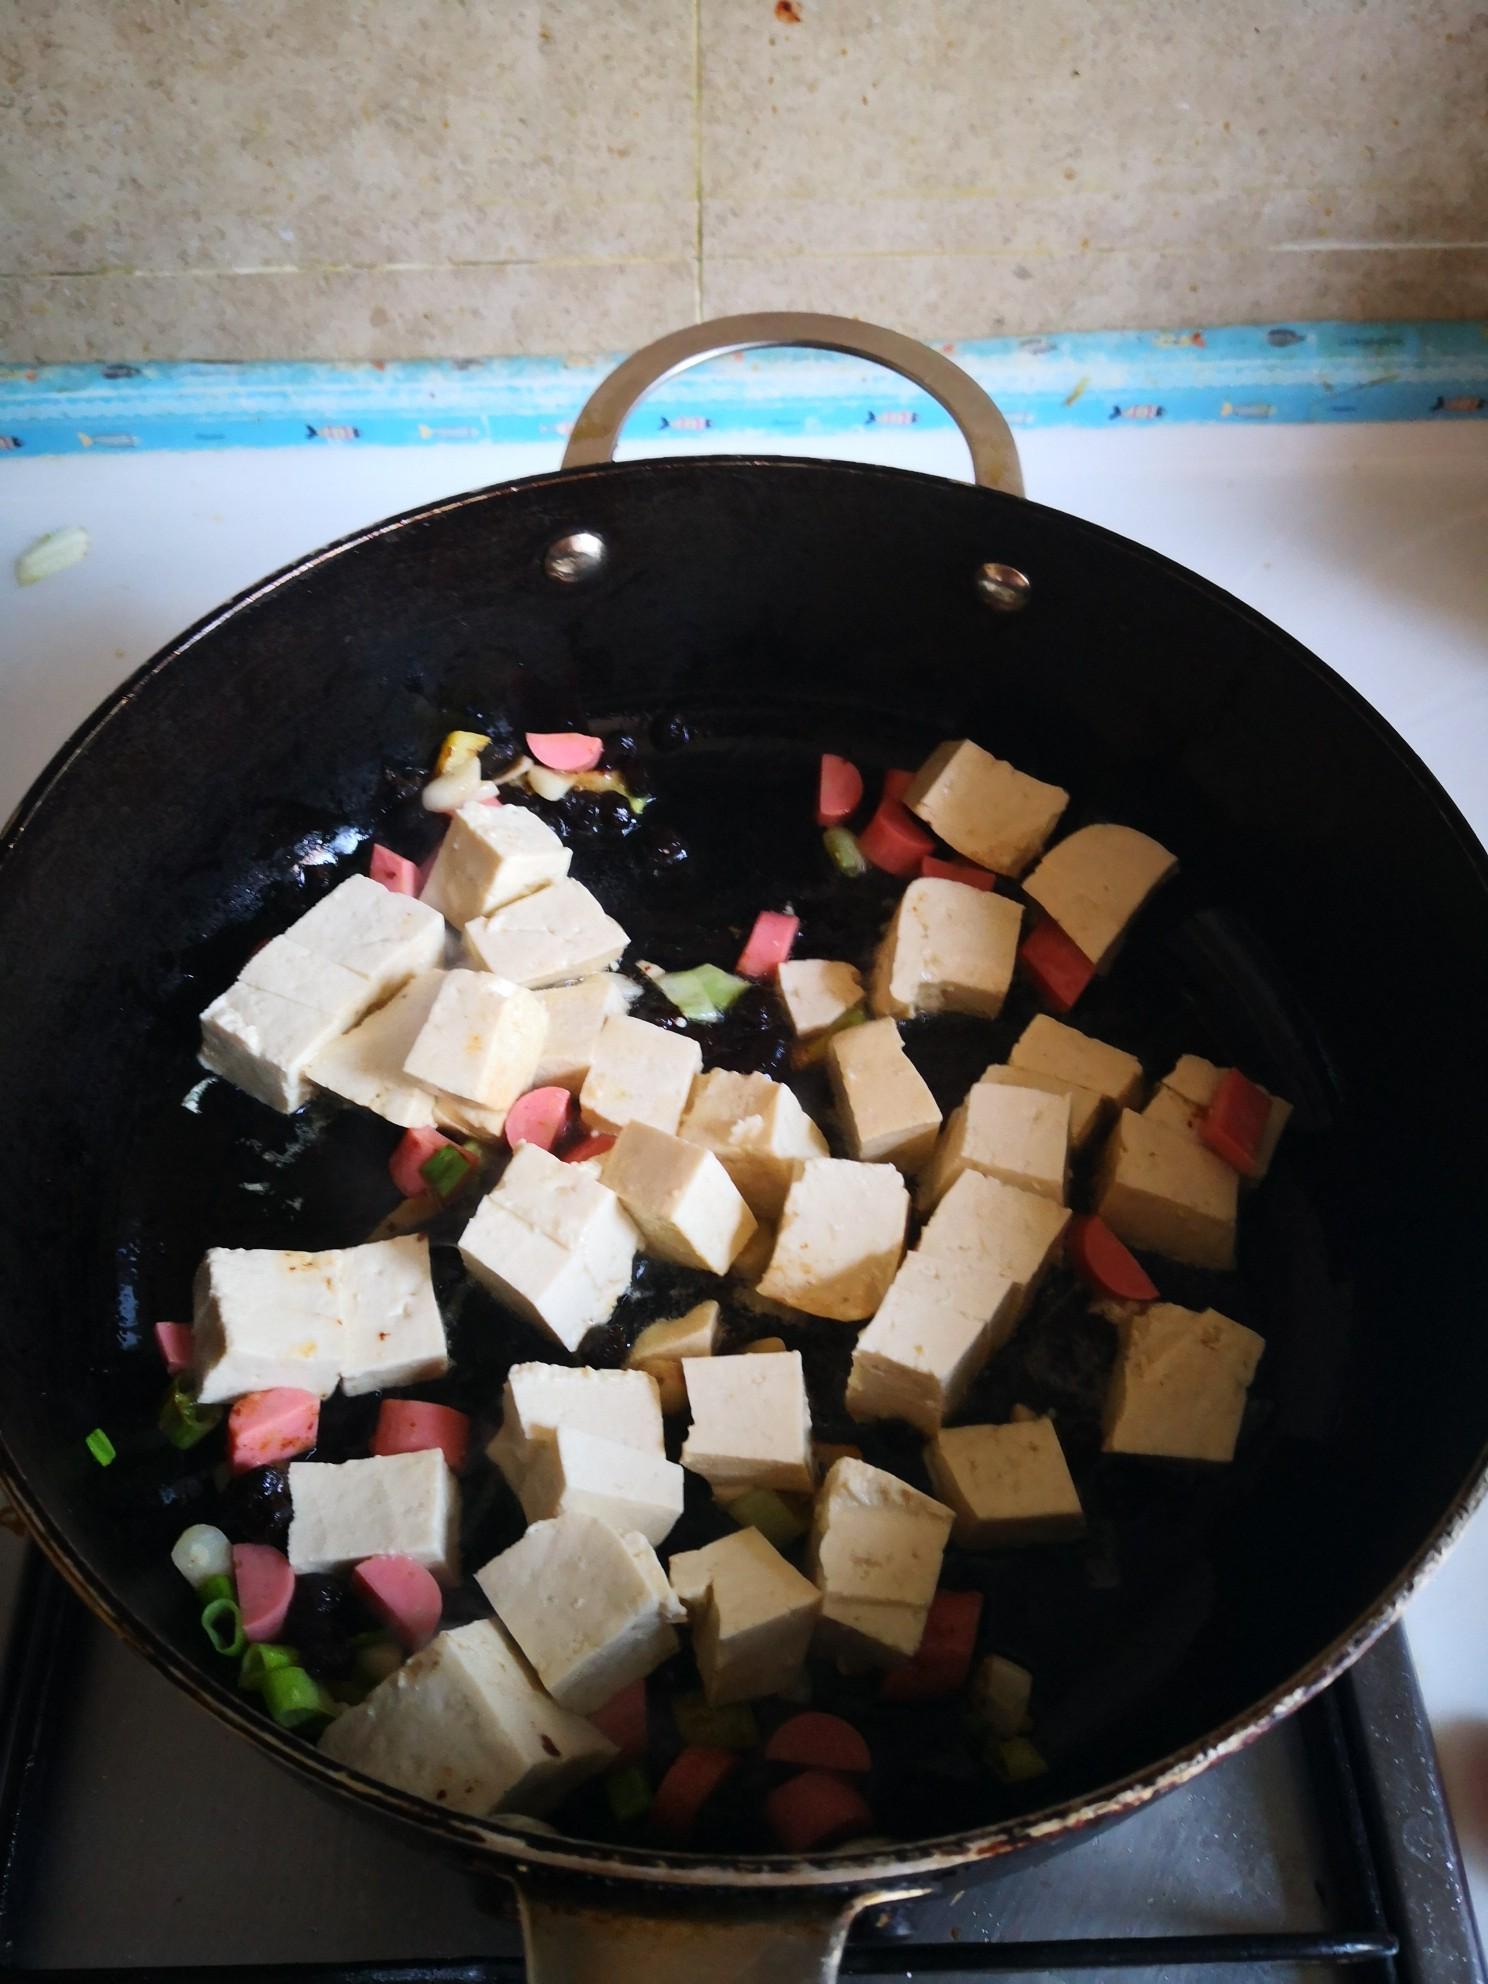 火腿肠炒豆腐怎么炒